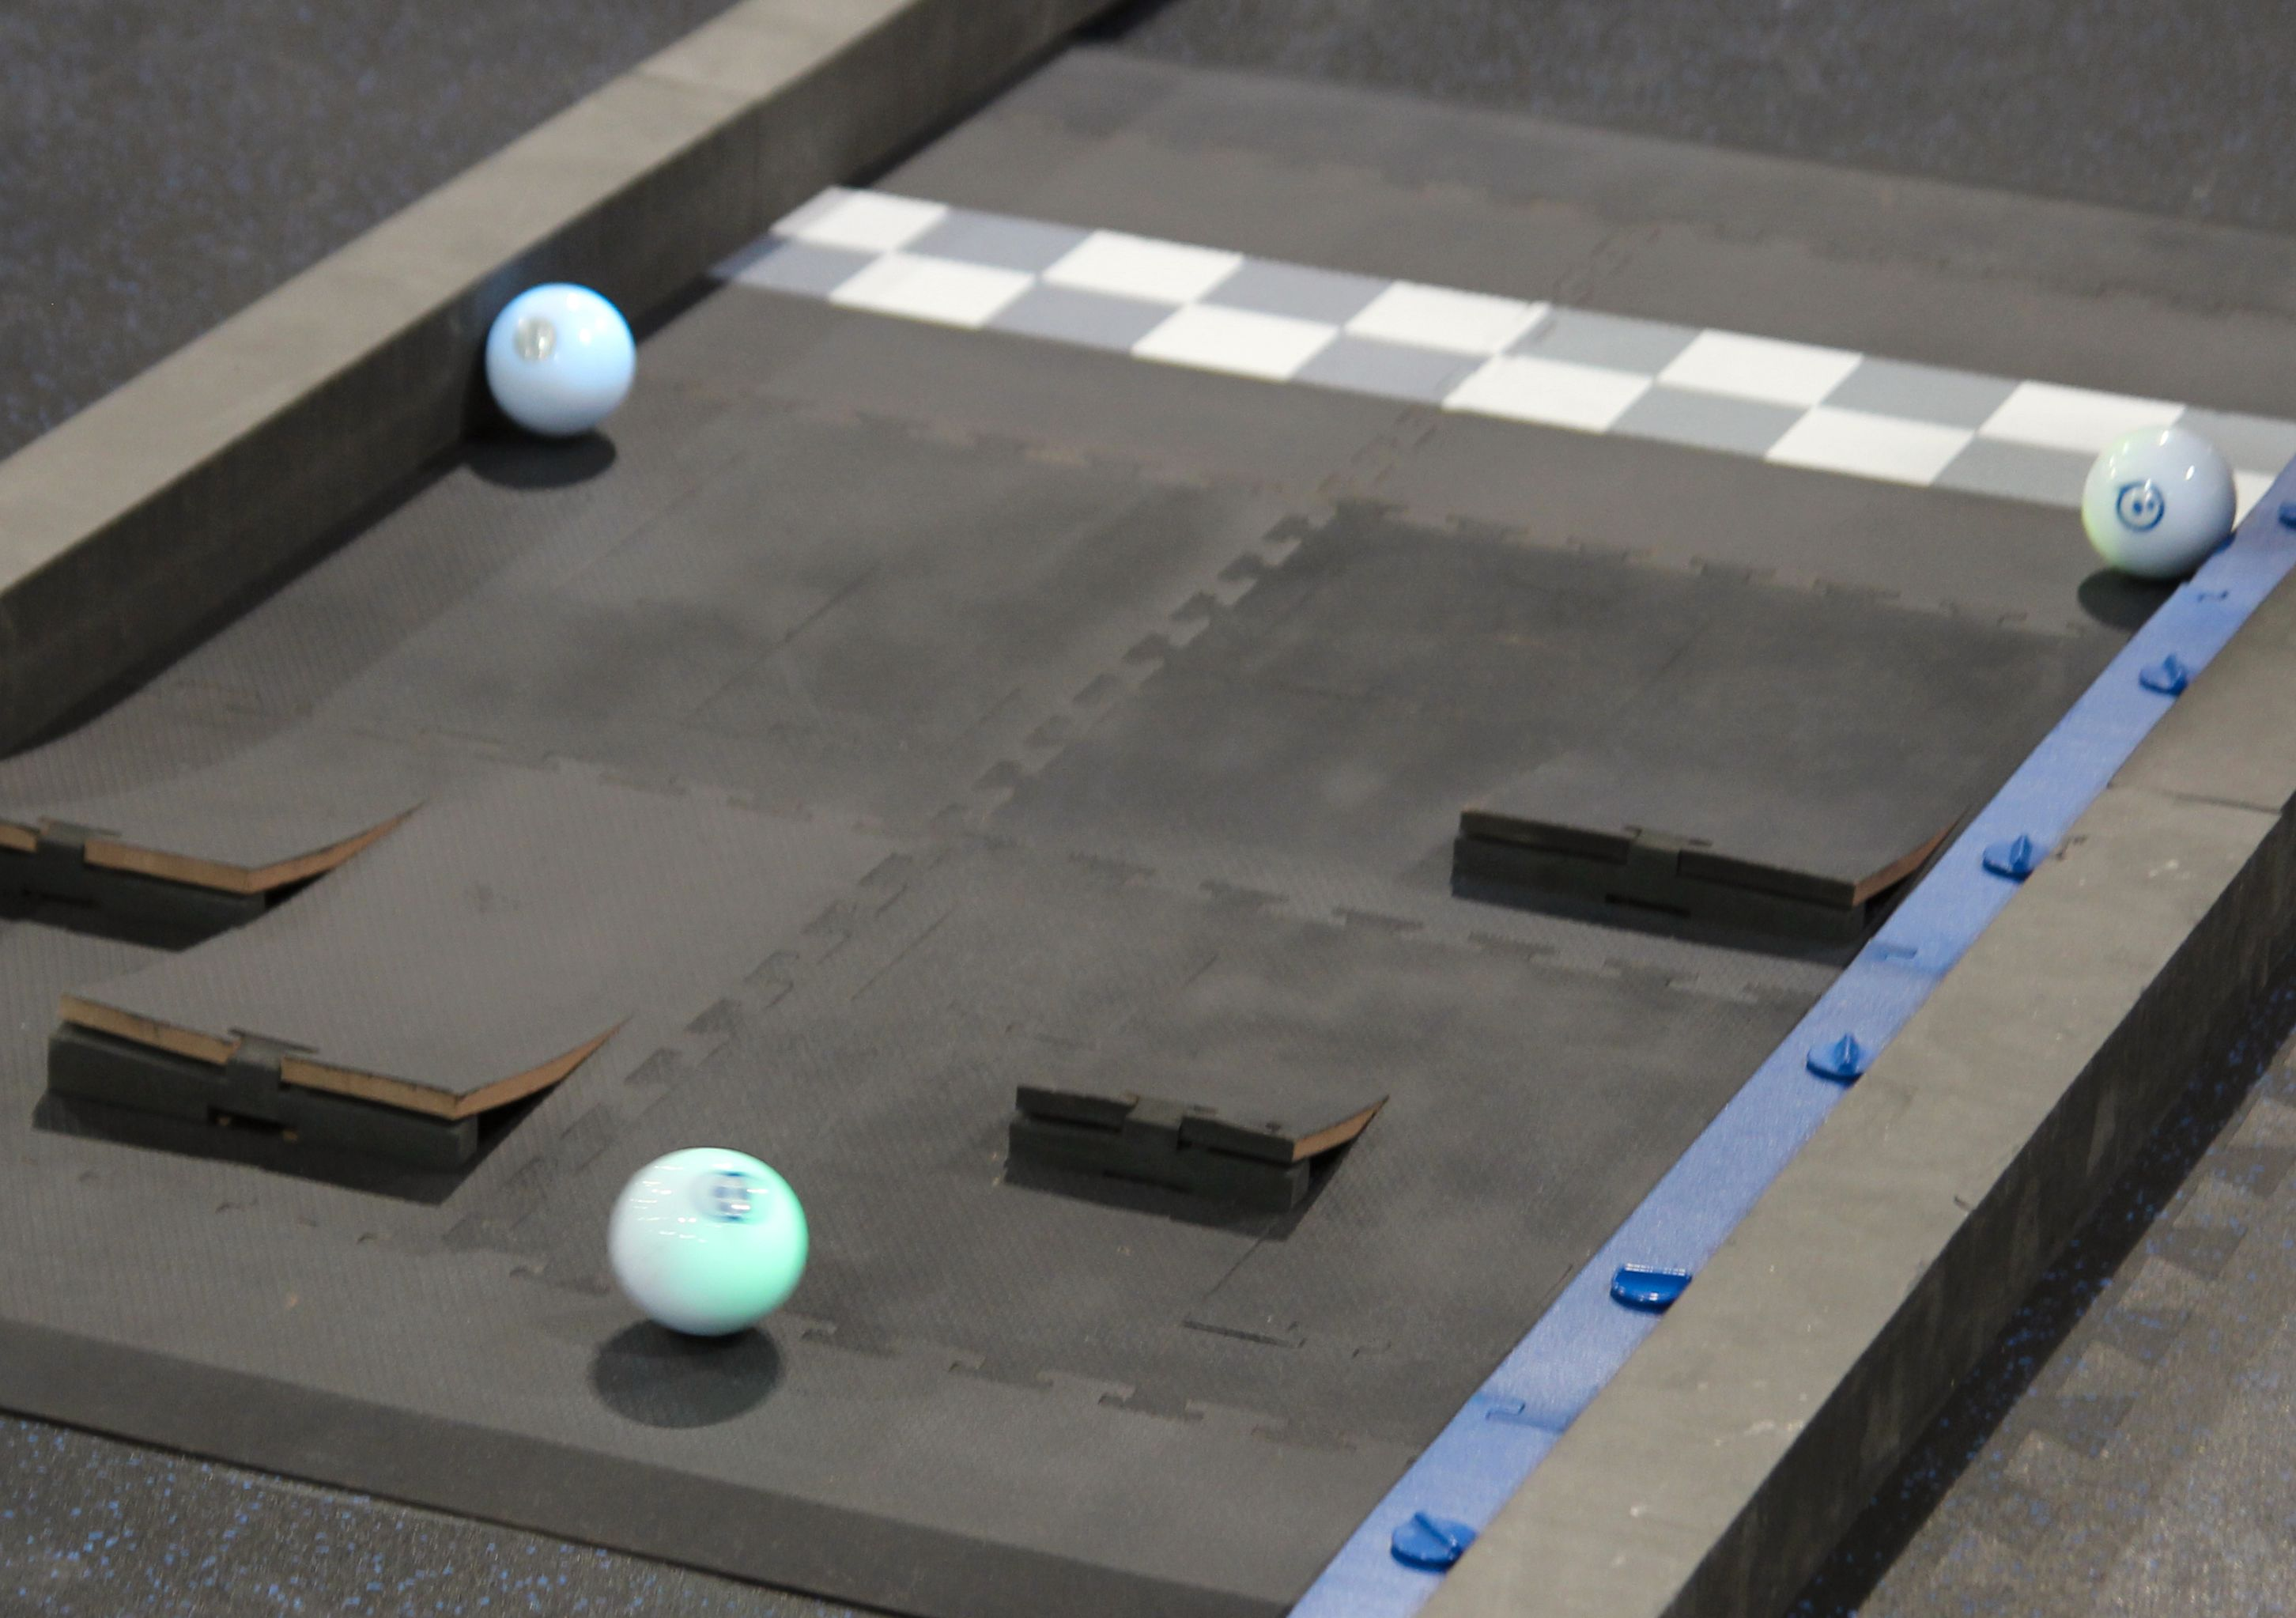 En av Sphero-ene har fått et greit forsprang på vei ut fra målområdet.